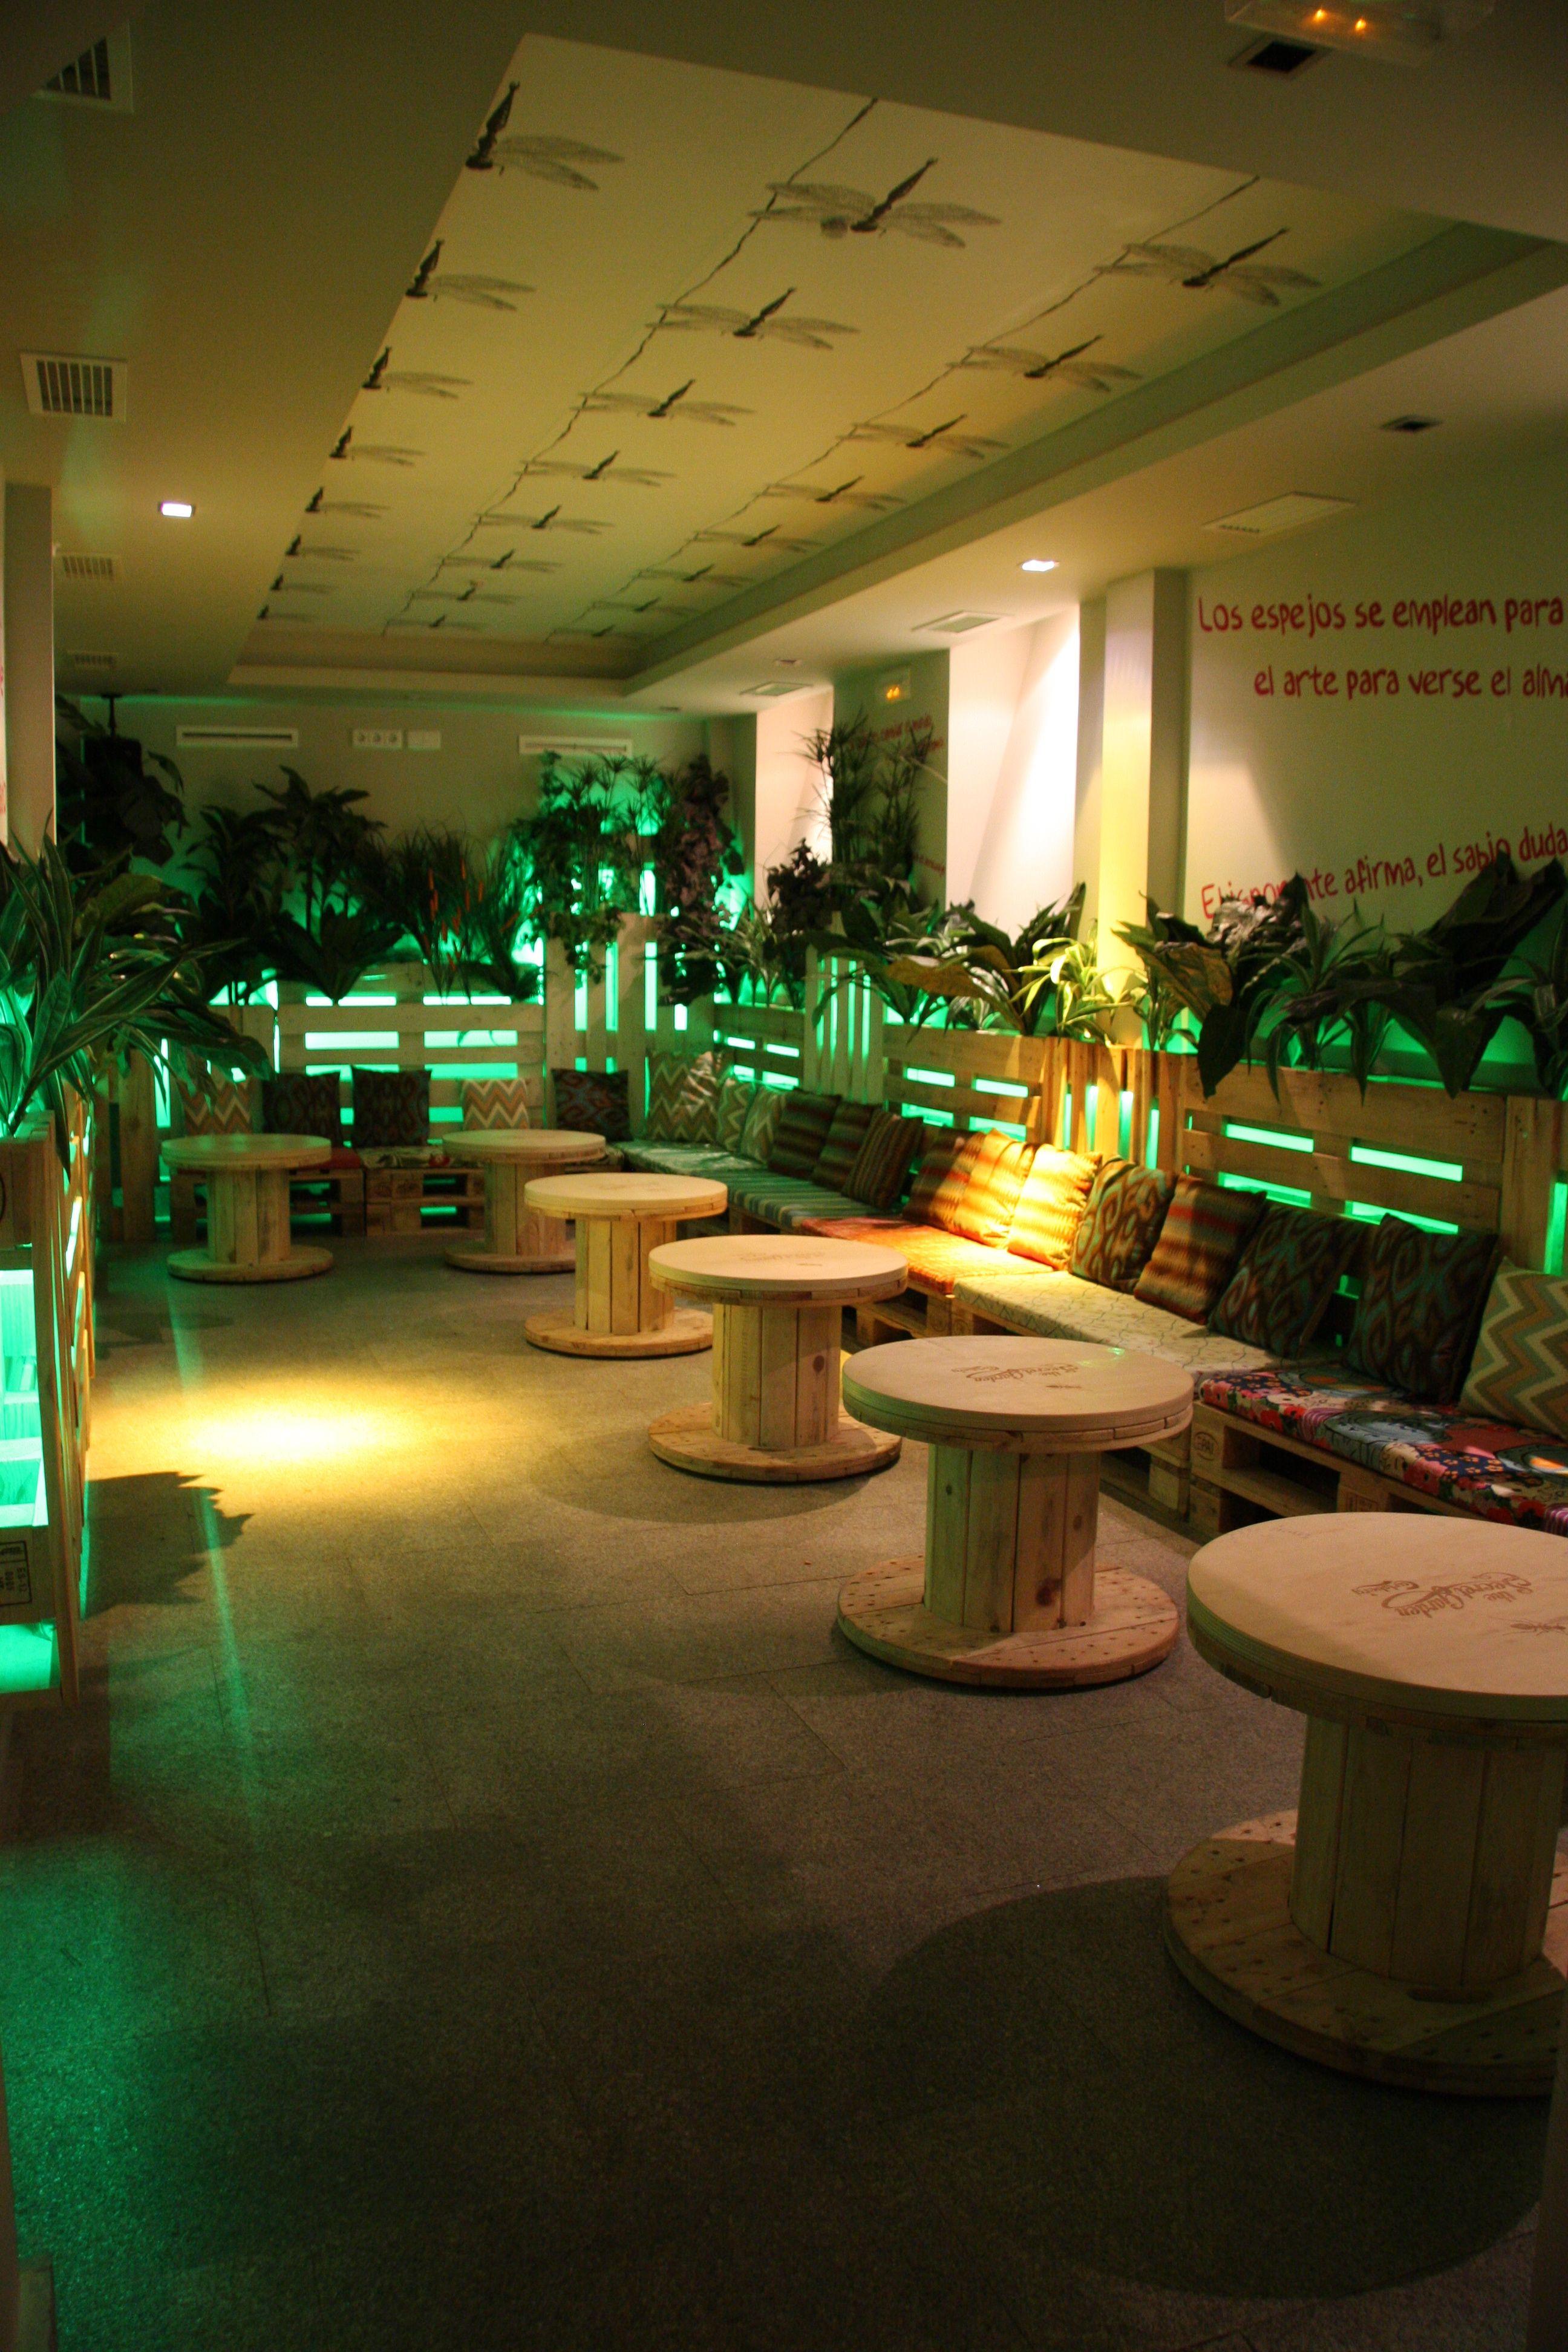 Bobinas de cable de madera recicladas sirven de mesa en la - Decoracion de pub ...